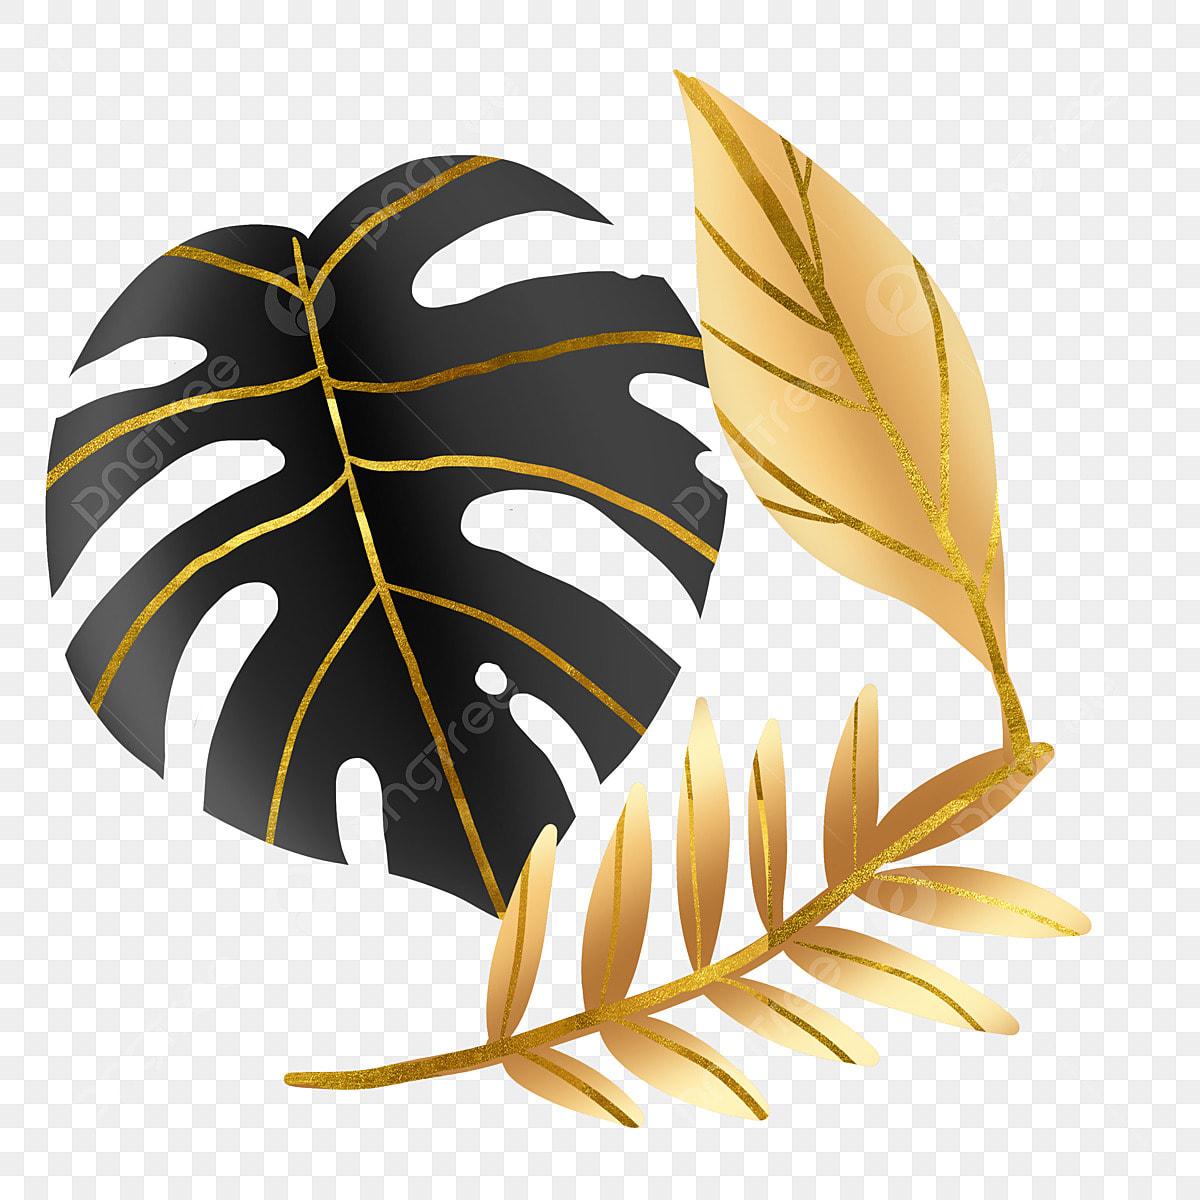 Gambar Daun Emas Hitam Tropis Tropis Emas Hitam Keemasan Png Transparan Clipart Dan File Psd Untuk Unduh Gratis